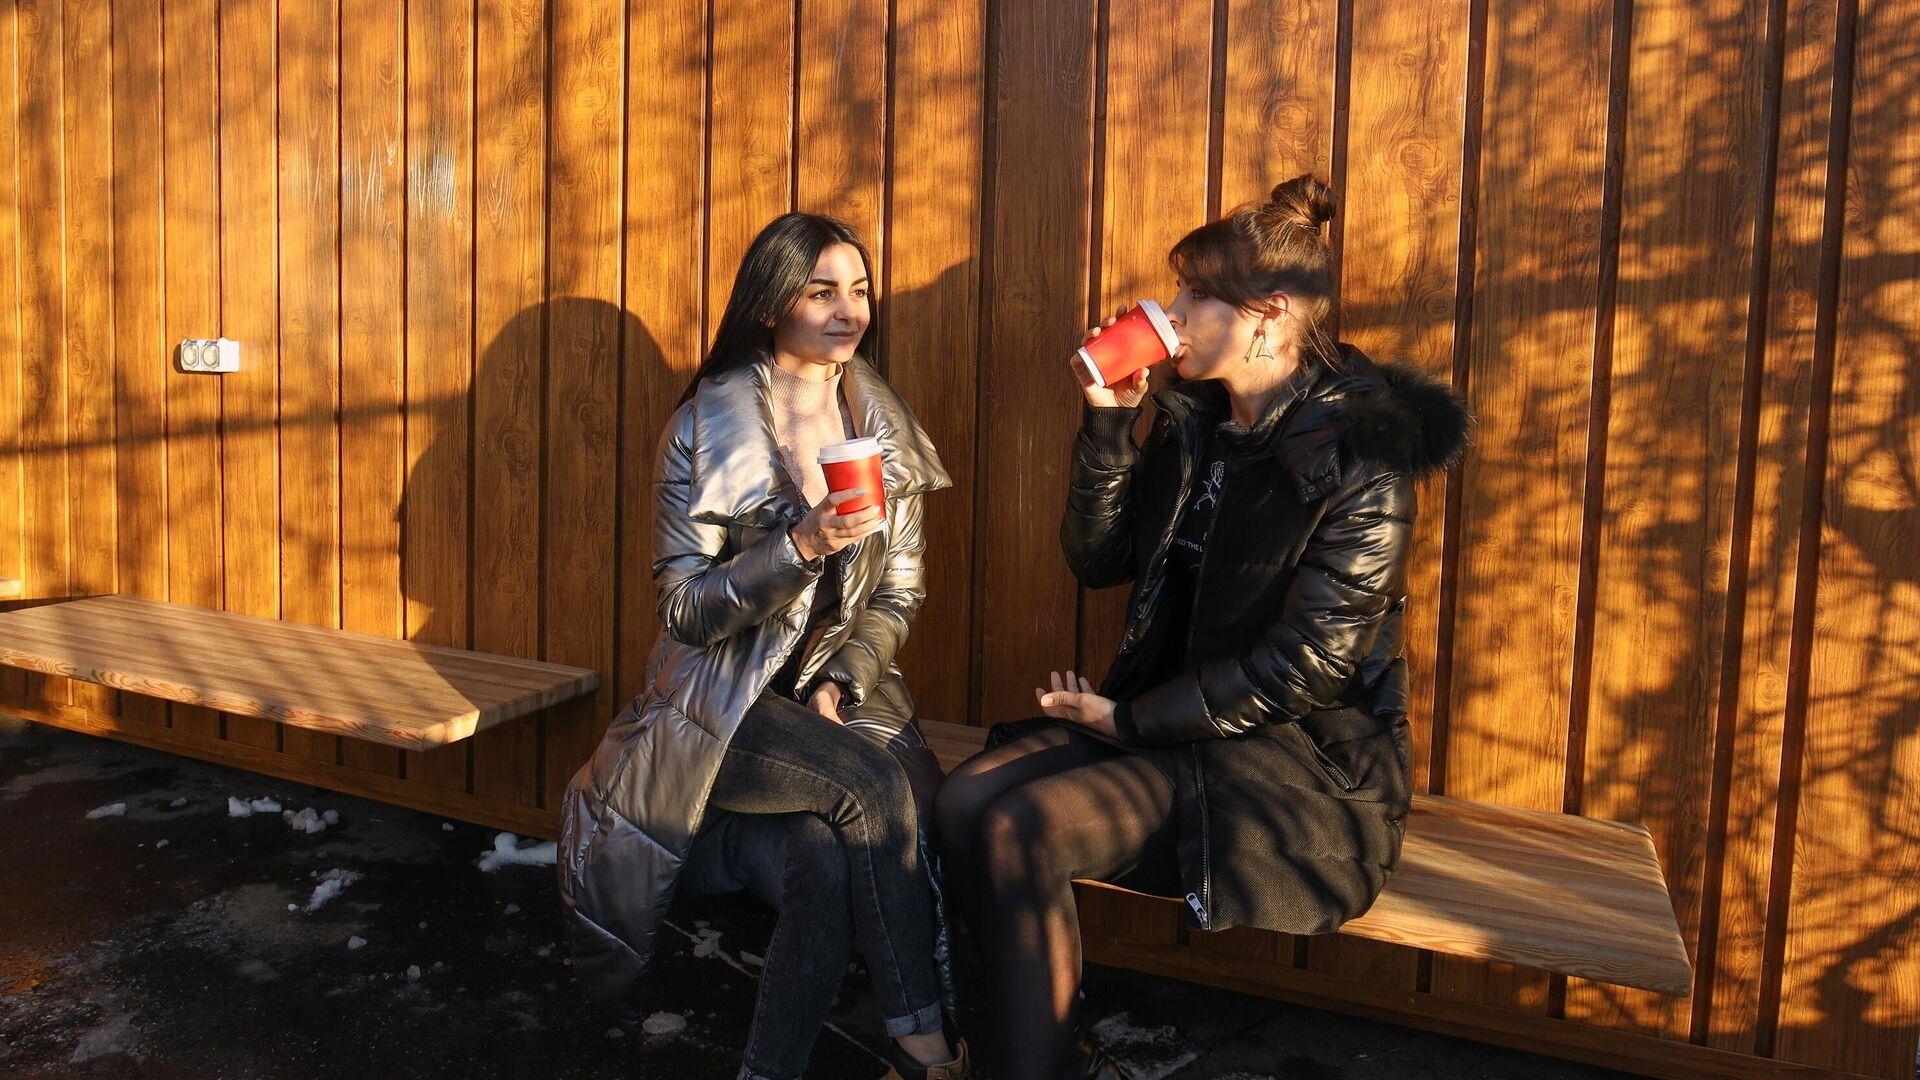 Девушки пьют кофе - РИА Новости, 1920, 28.07.2021